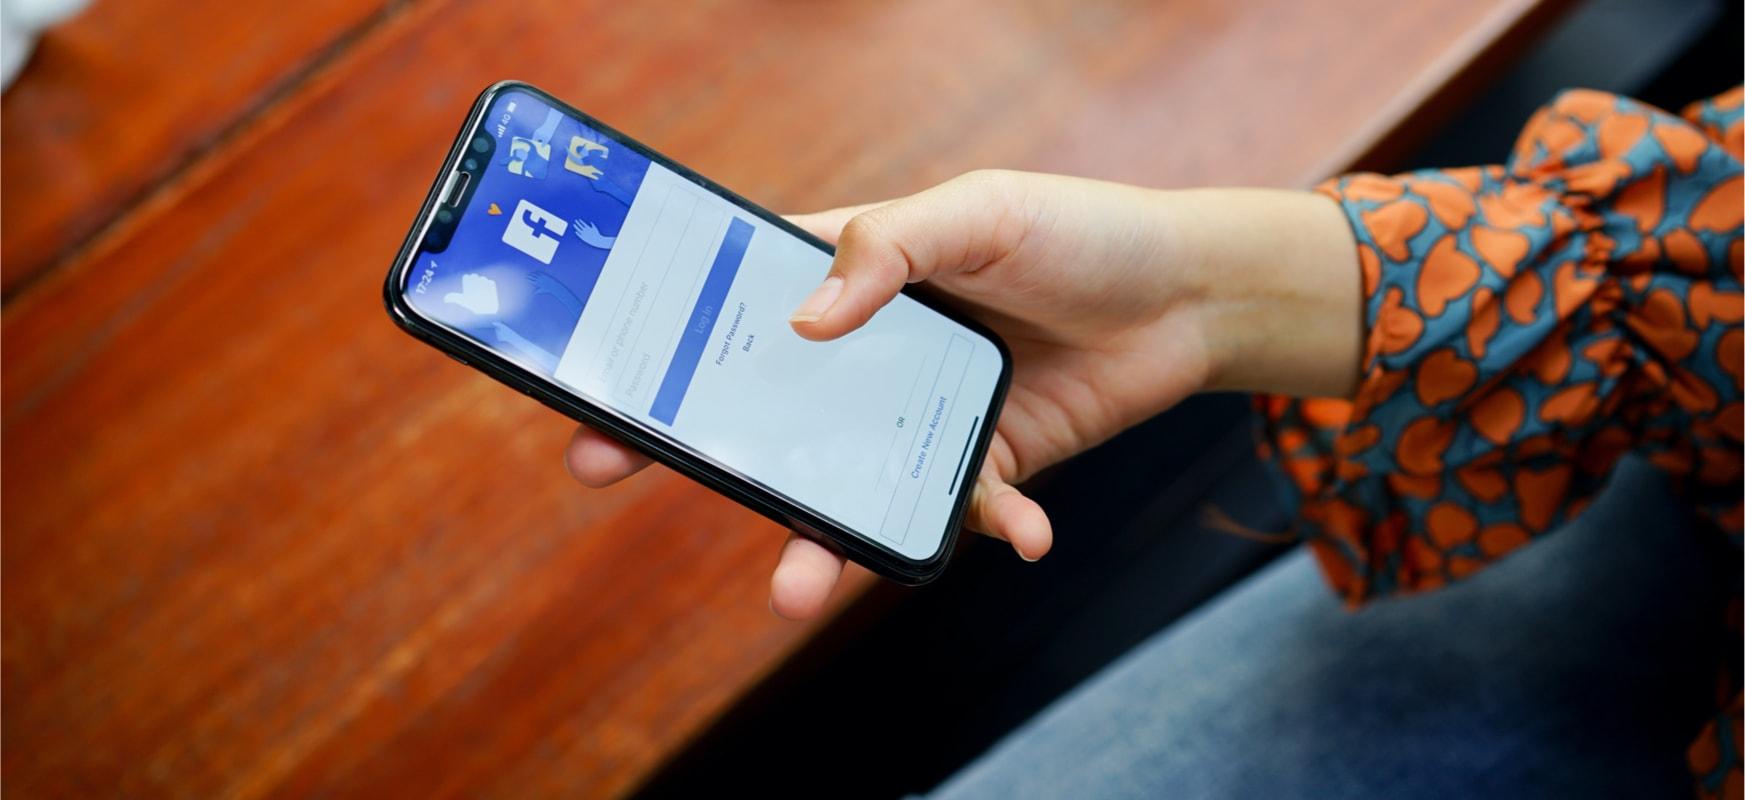 Facebook jokalarien atzetik doa.  Gaming aplikazio berria Twitch lehiaketa da YouTube'eta